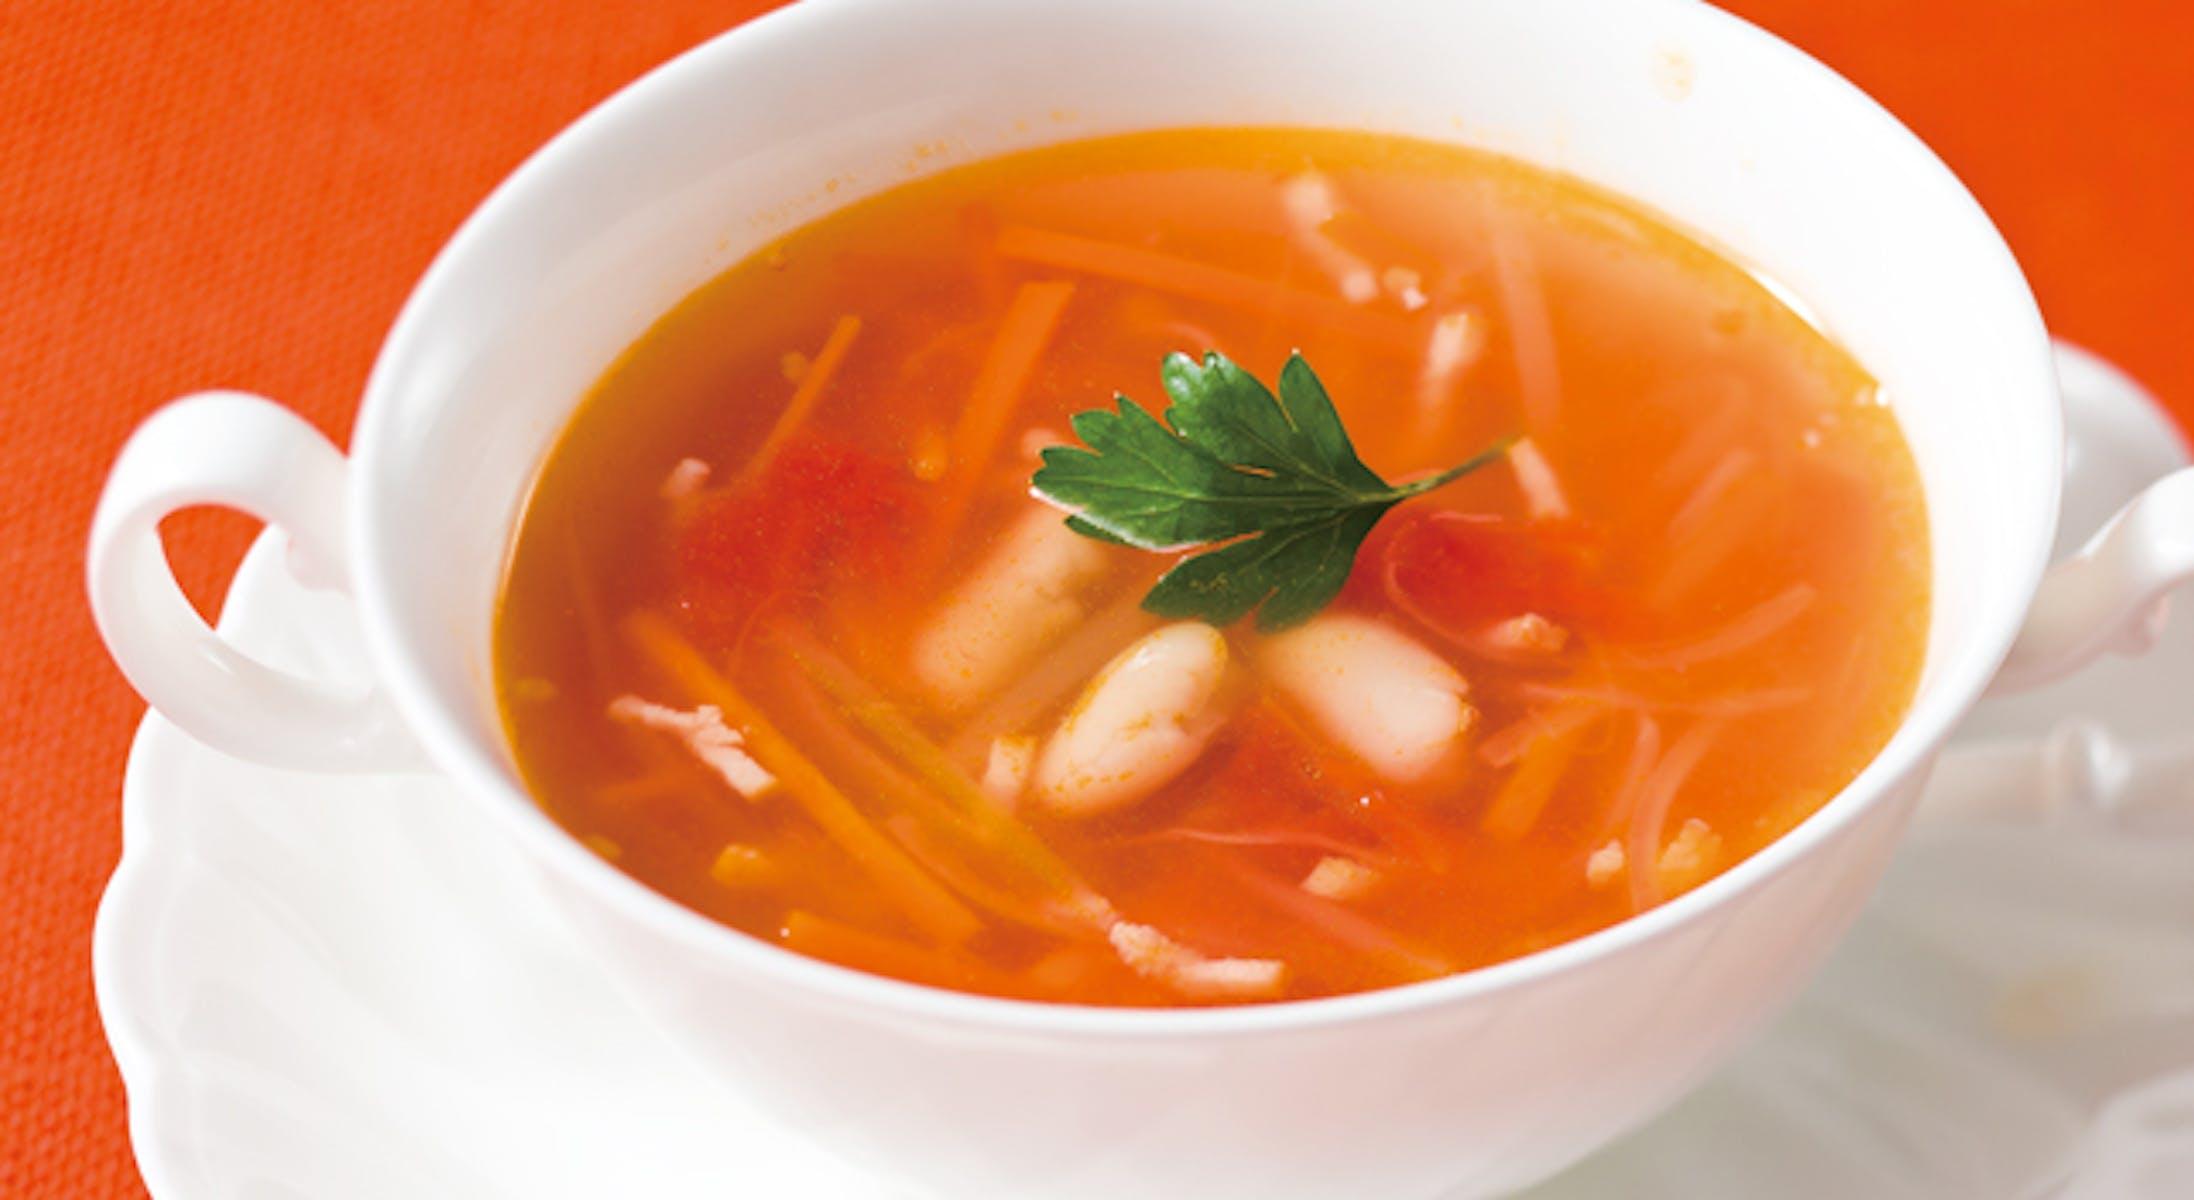 ビーンズと野菜のトマト風味スープ